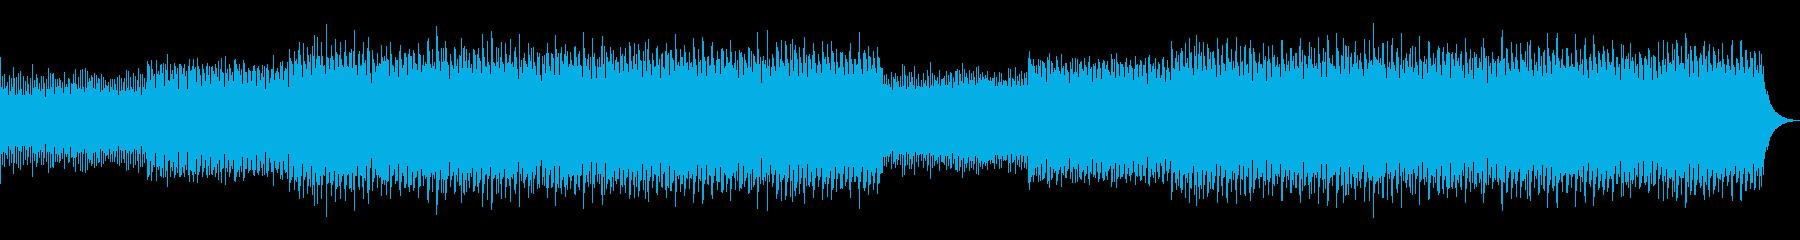 インディーズロック・シンプルな疾走感の再生済みの波形